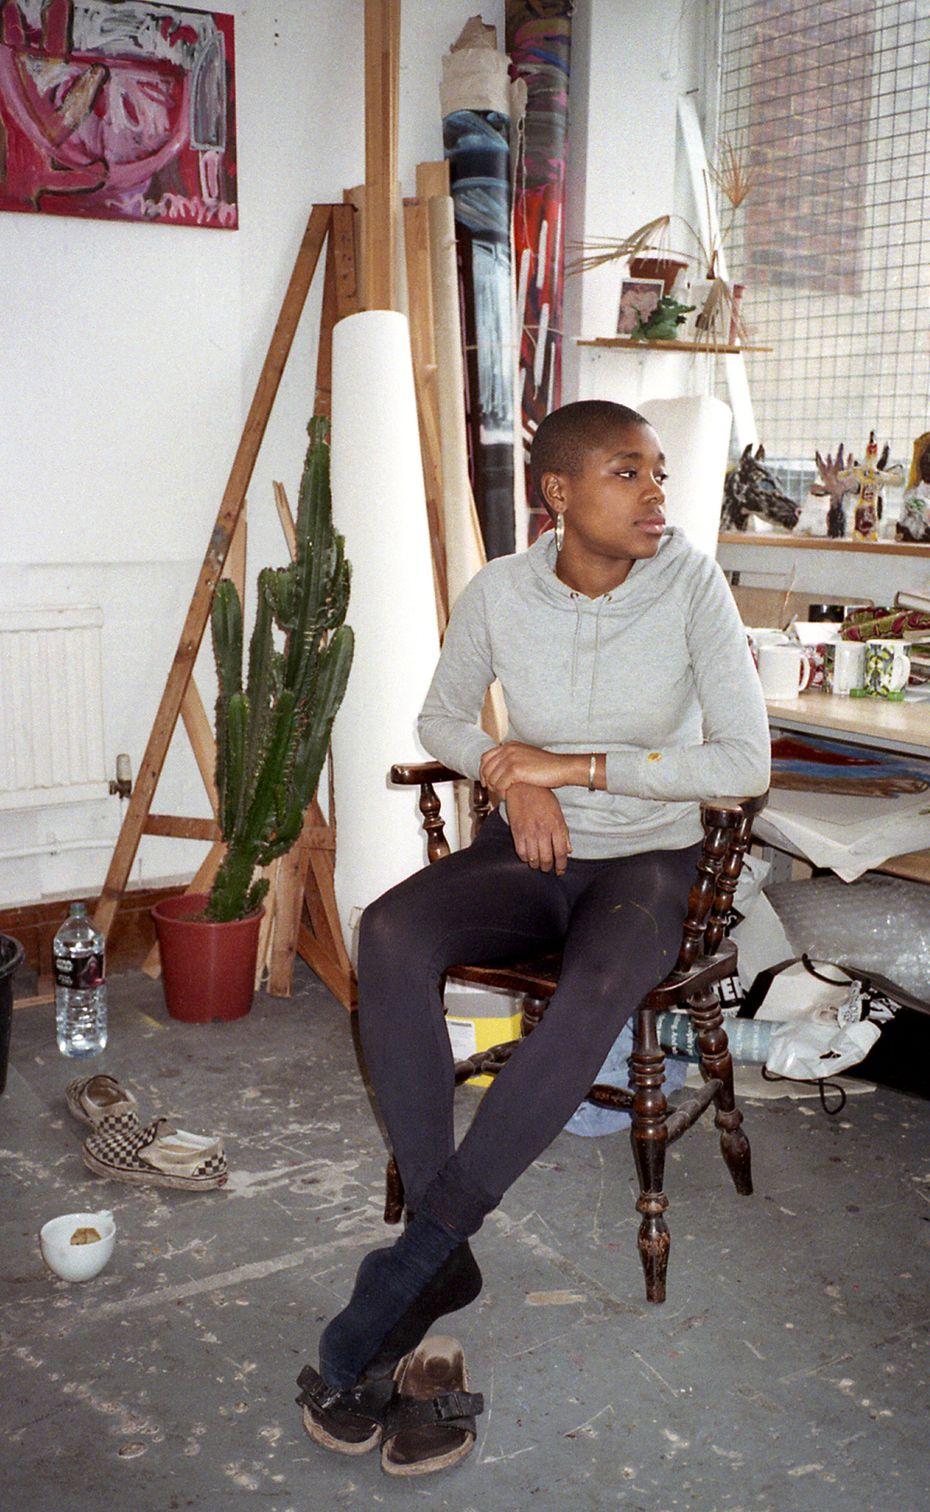 Artist Rachel Jones works out of her studio in London.